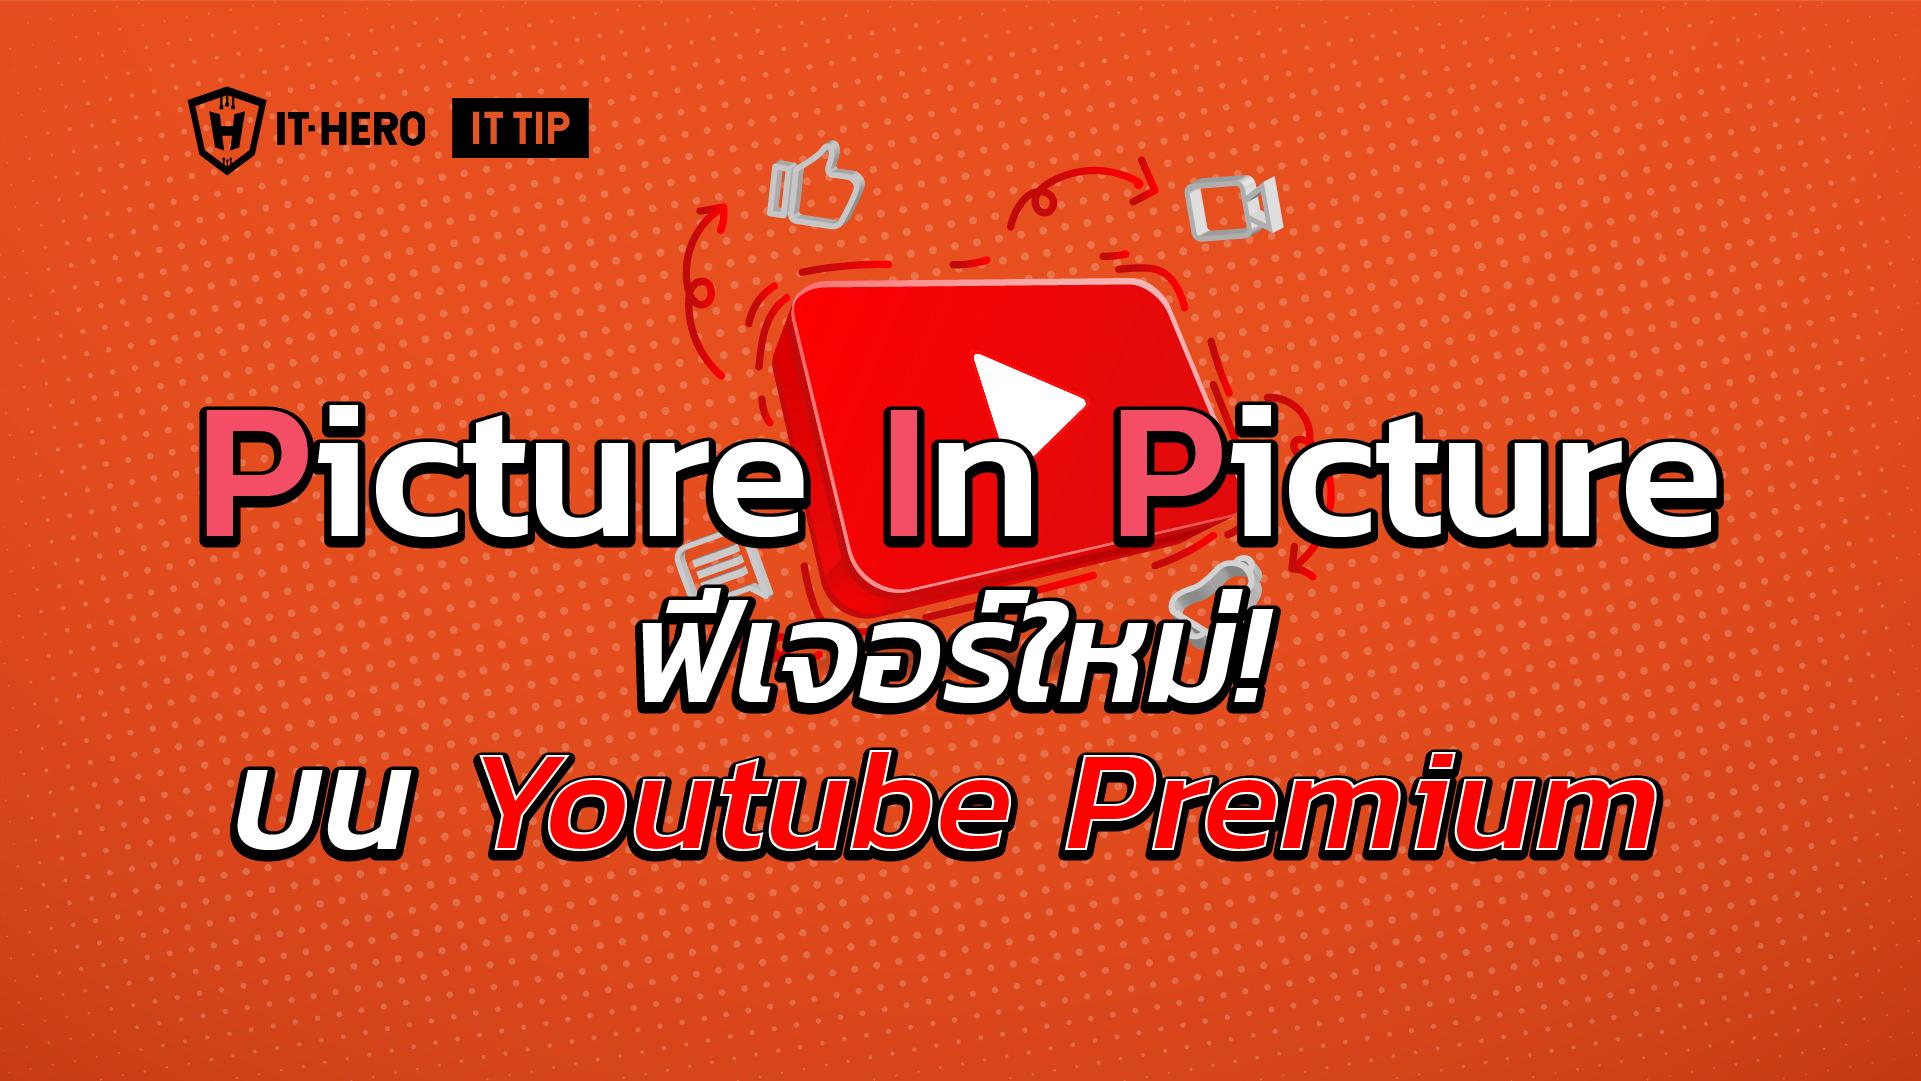 แนะนำฟีเจอร์ใหม่ Pip บน Youtube premium